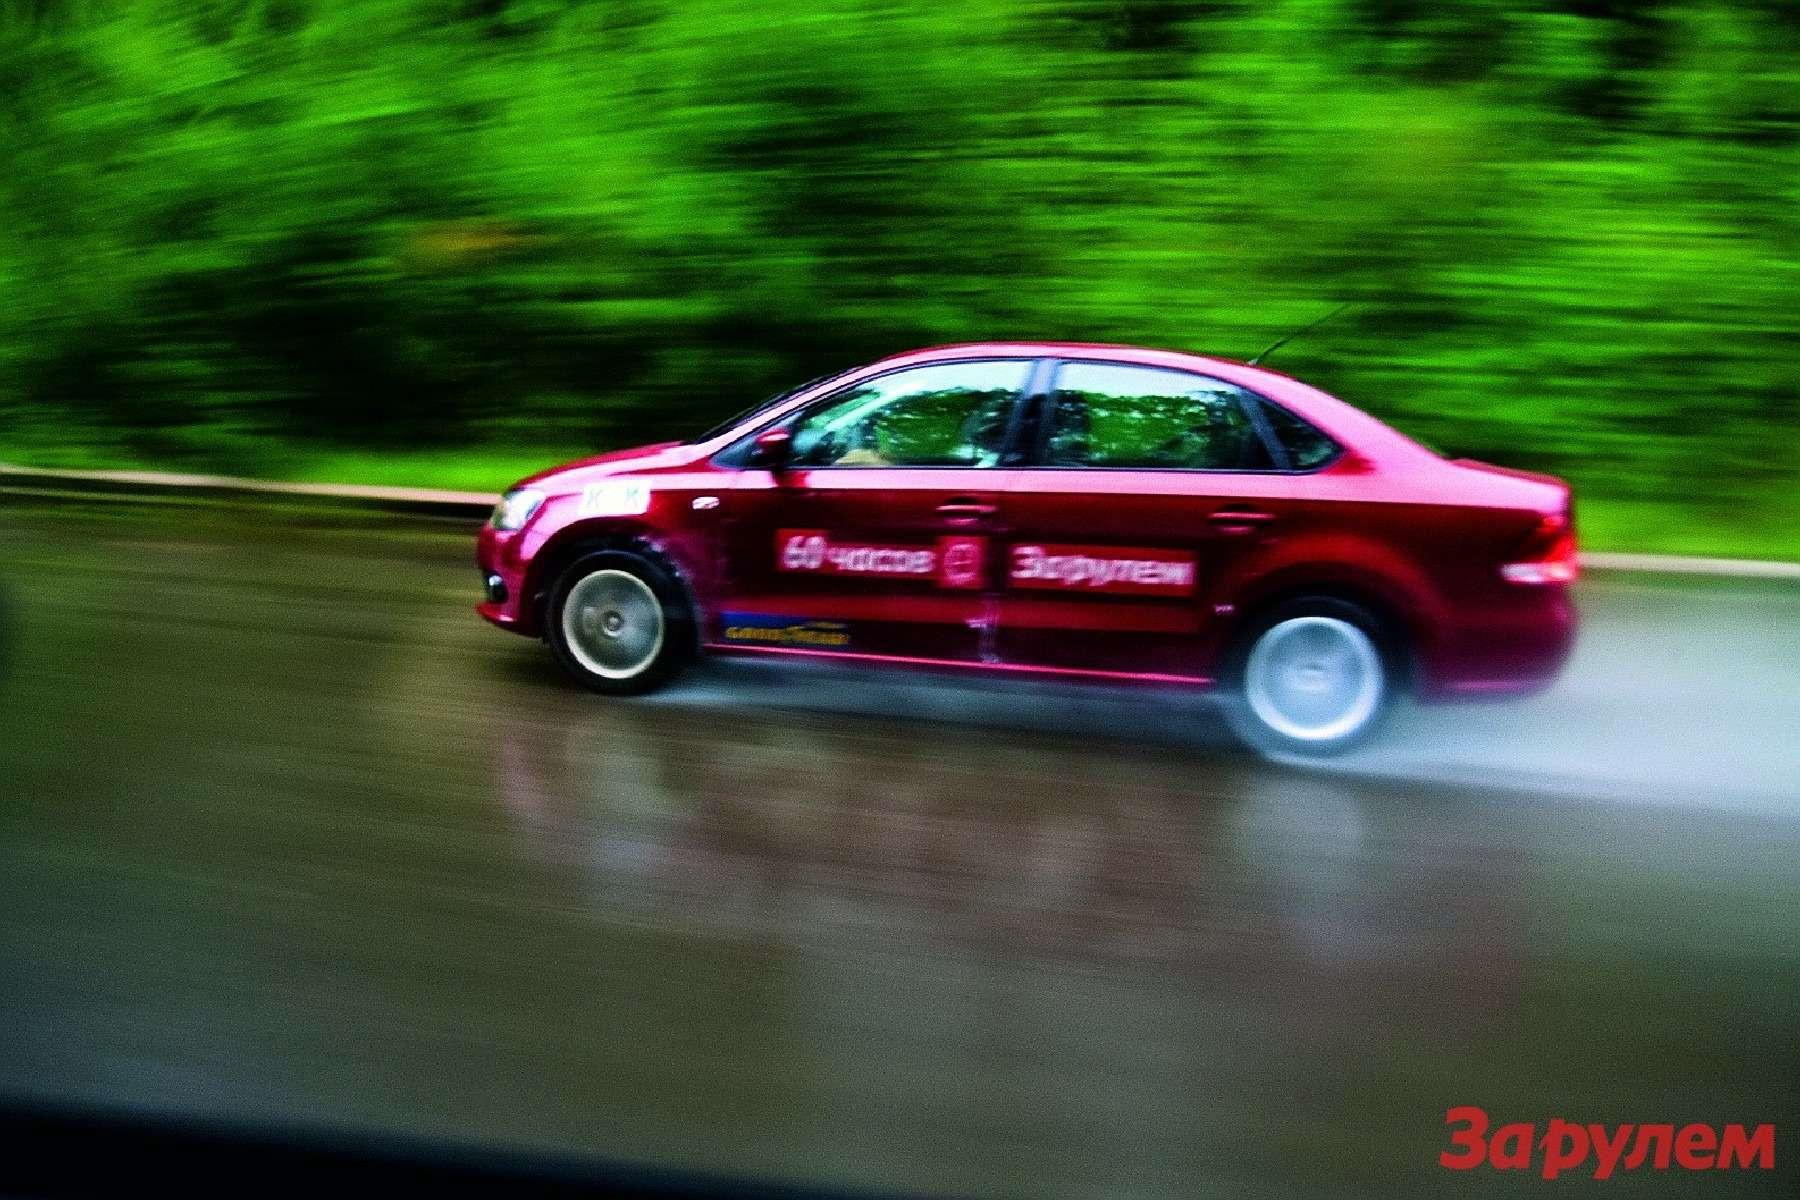 Скорость «Фольксвагена» день ото дня понемногу росла (это подтвердили замеры после финиша). Впоследний день насухой трассе машина (сучетом остановок длязаправки) развила 179 км/ч.